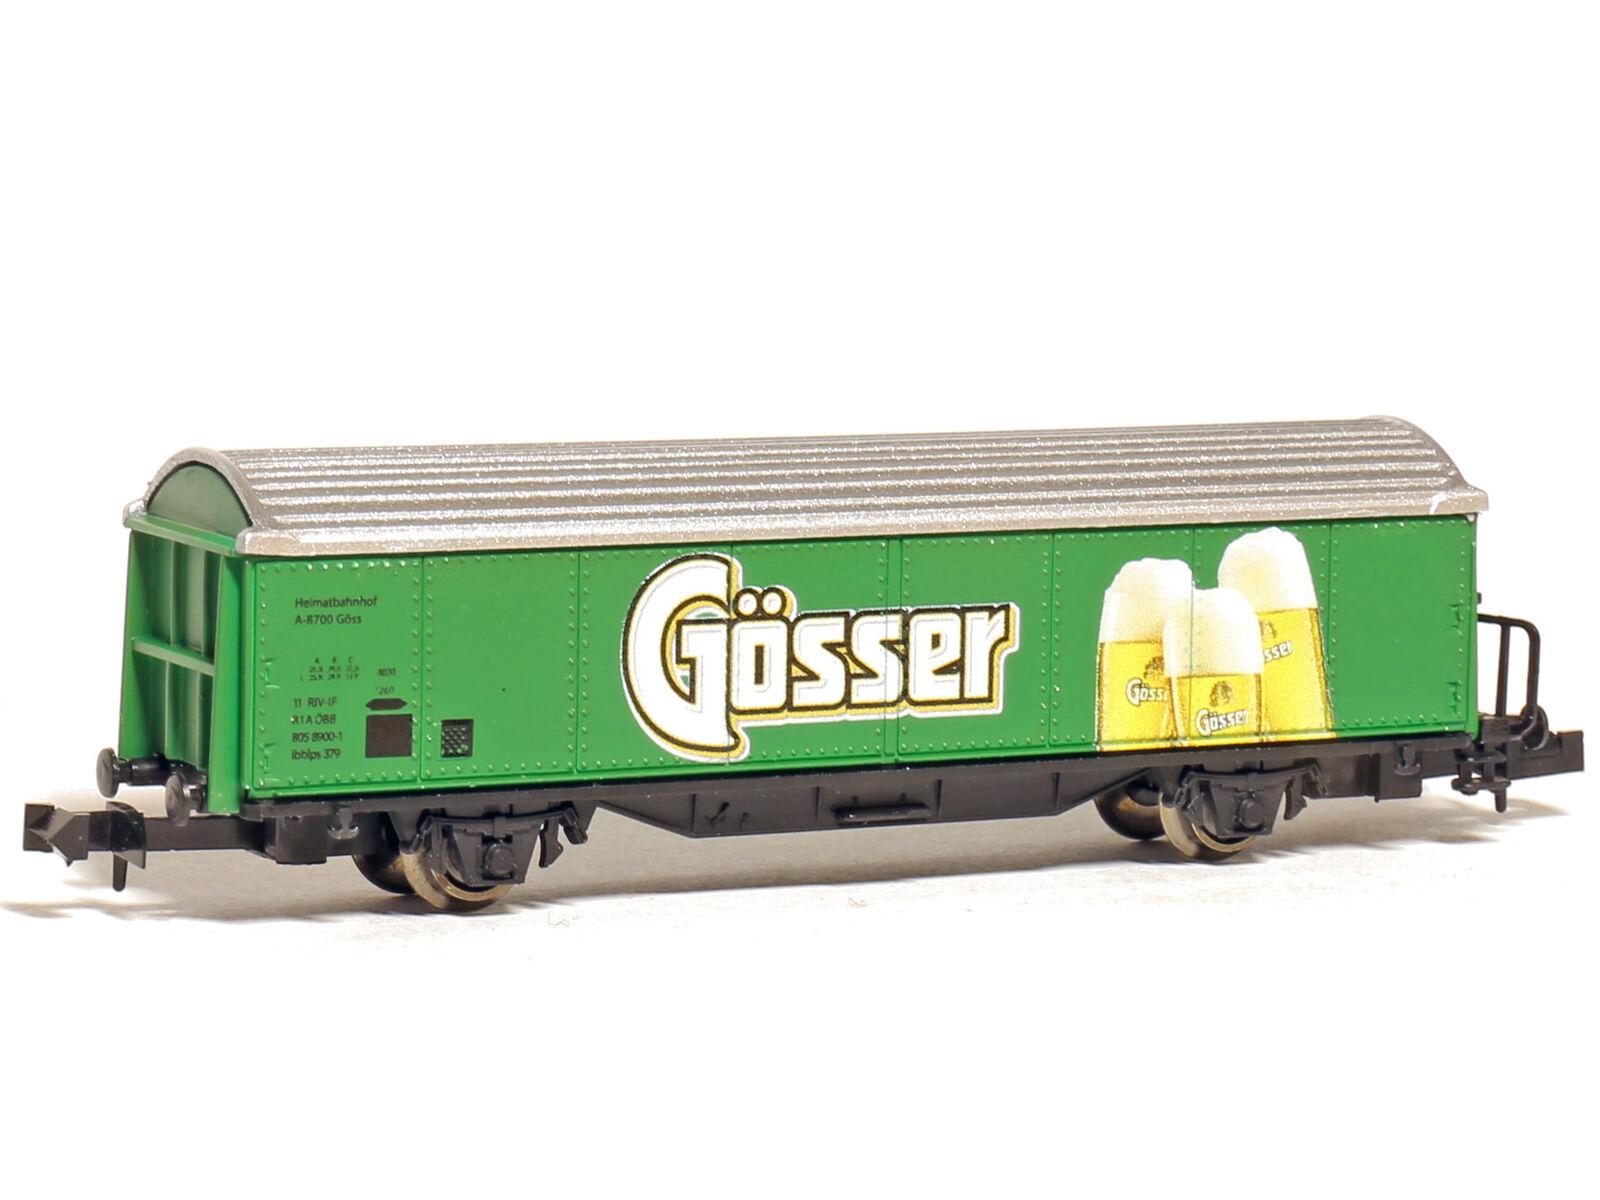 Sowa-N 2013 2013 2013 - Güterwagen Kühlwagen Bierwagen ÖBB Gösser - Spur N - NEU  | Perfekt In Verarbeitung  03c404